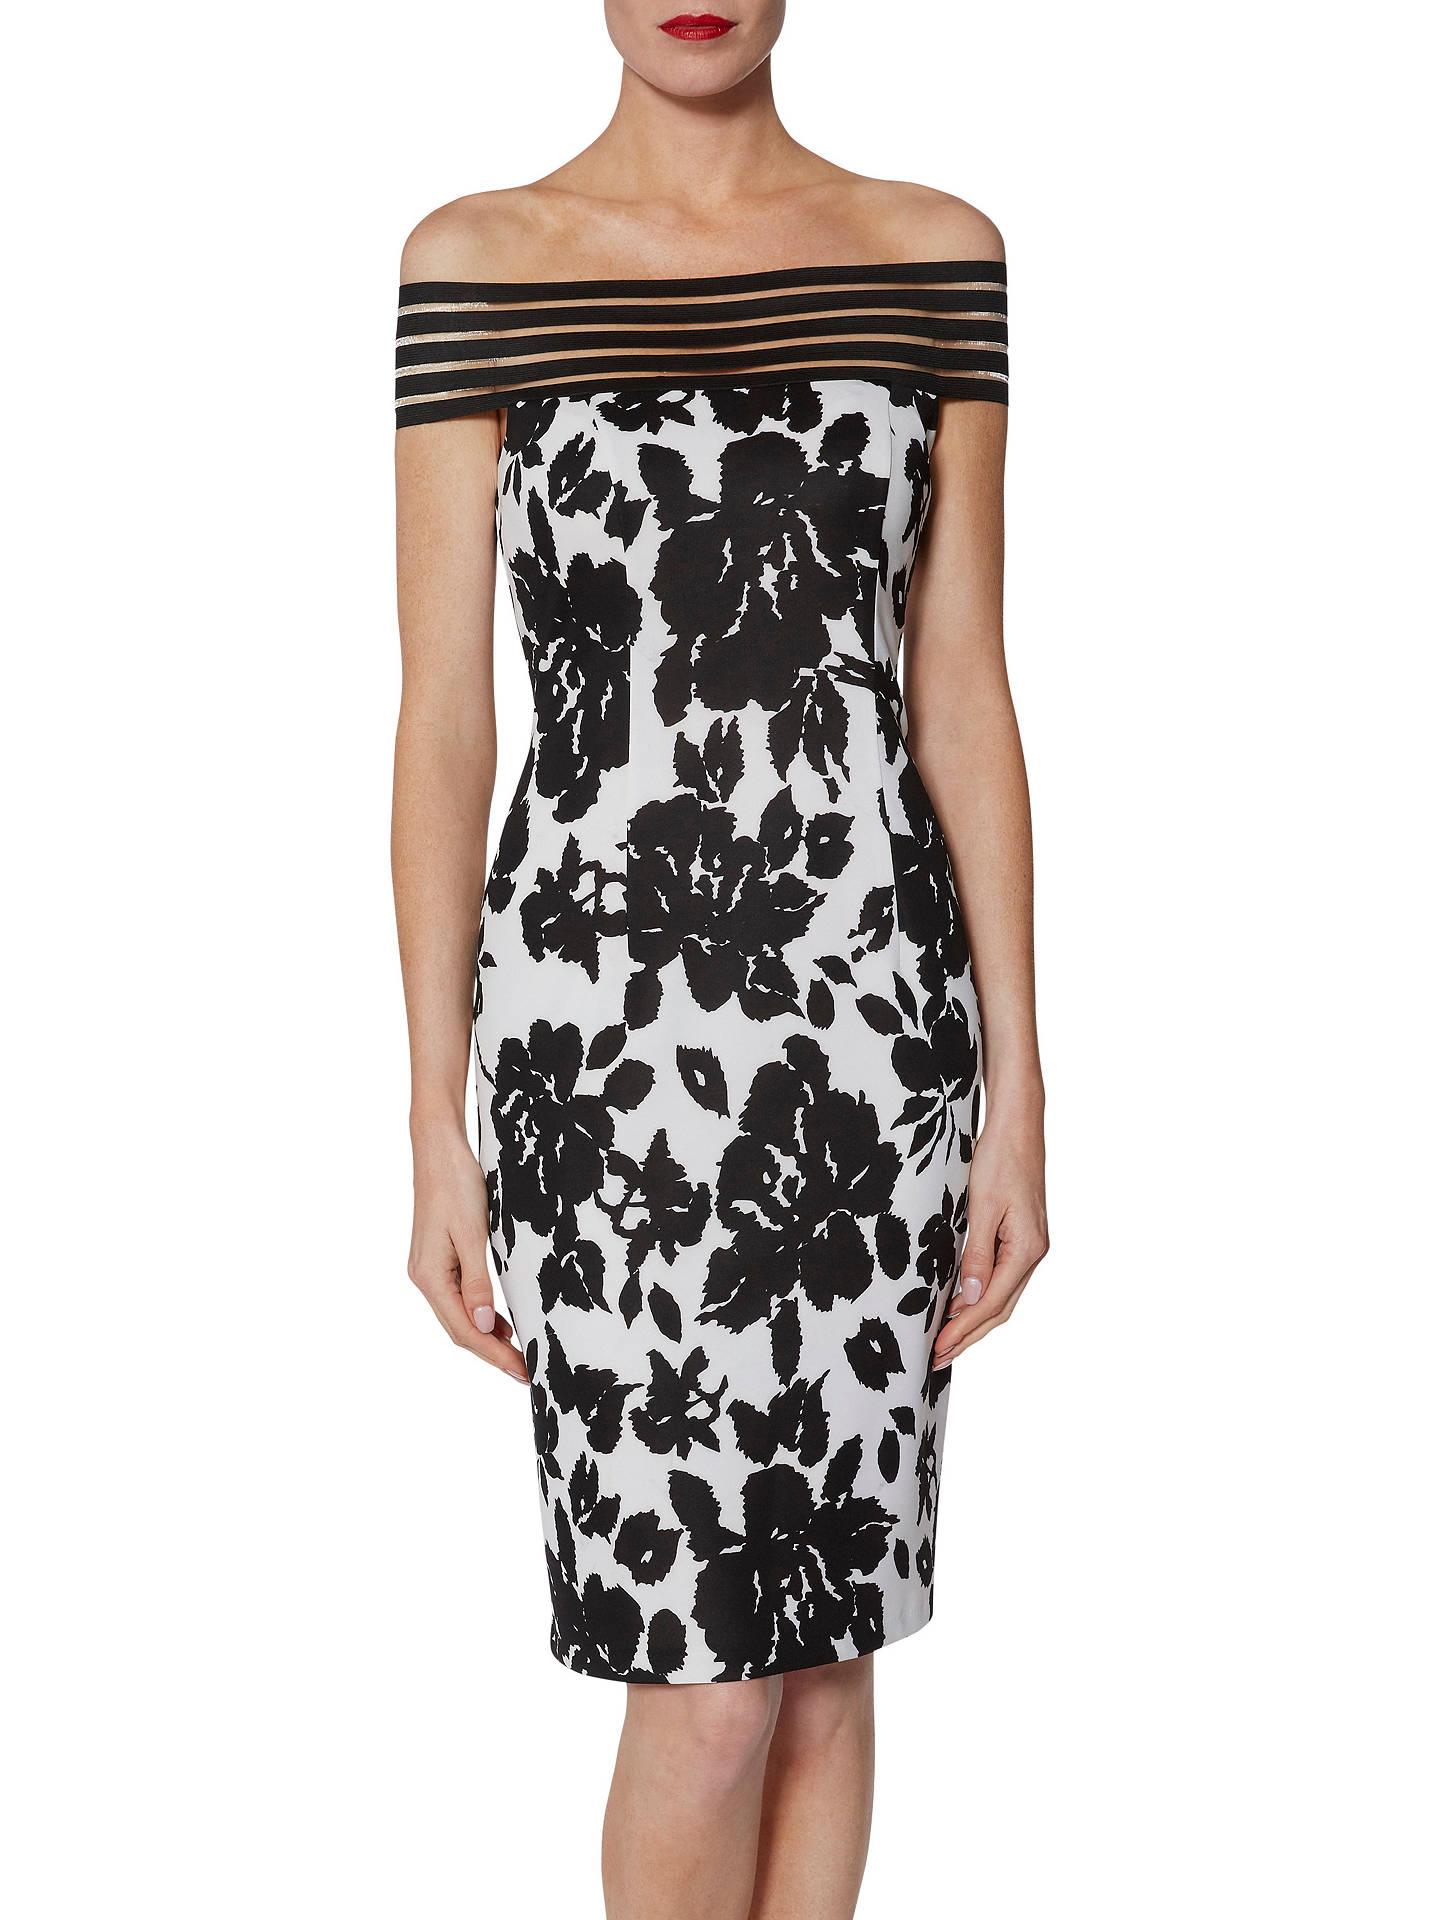 2c7c115da49 Buy Gina Bacconi Jojo Dress